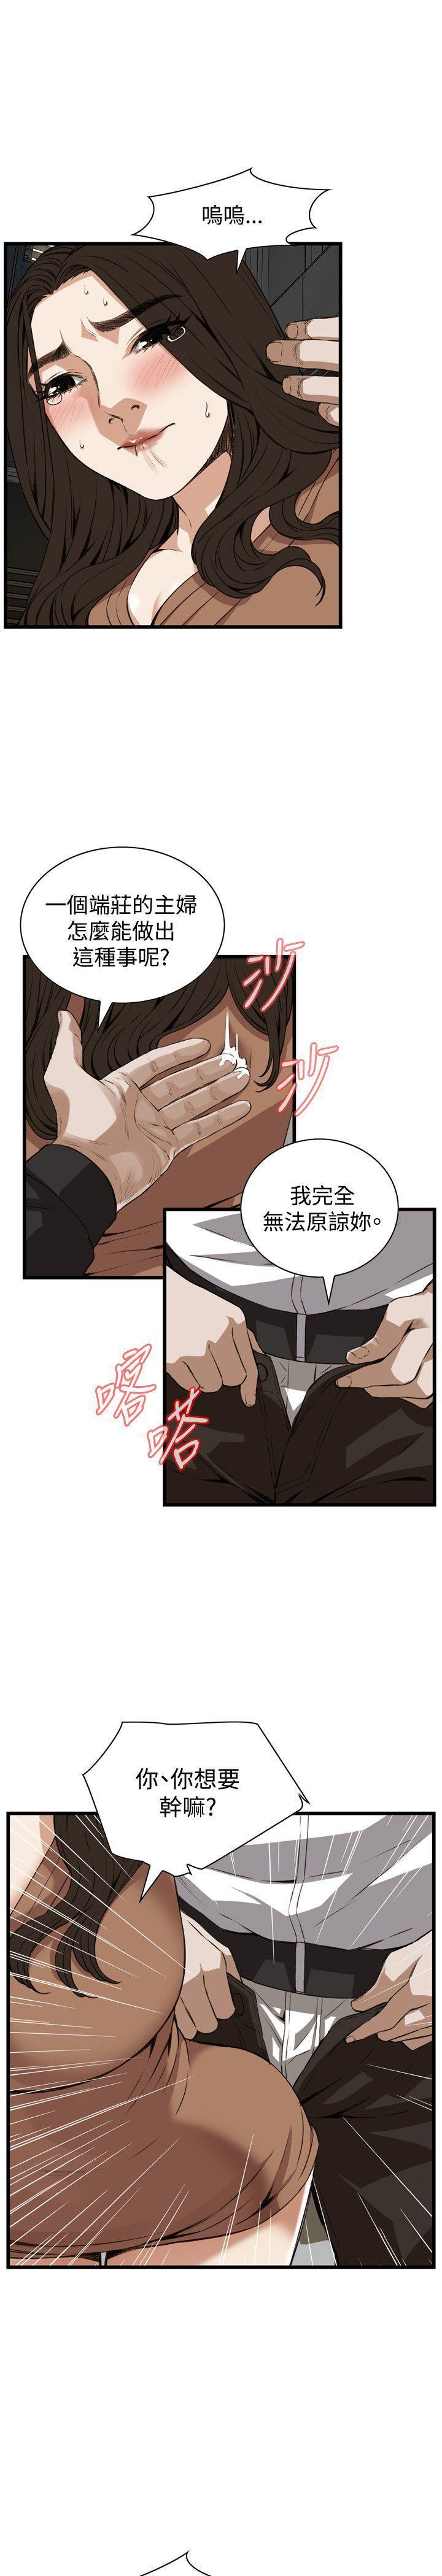 偷窥72-93 Chinese Rsiky 375